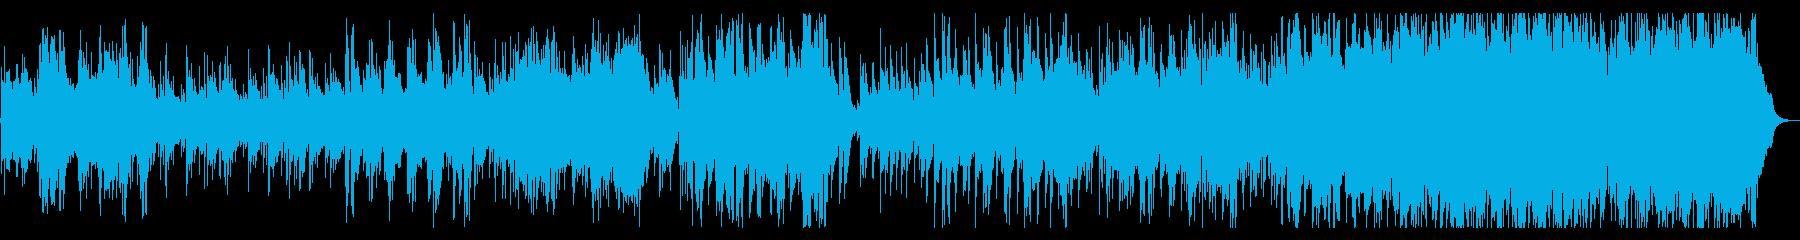 温かみのあるアコギとハーモニカの再生済みの波形